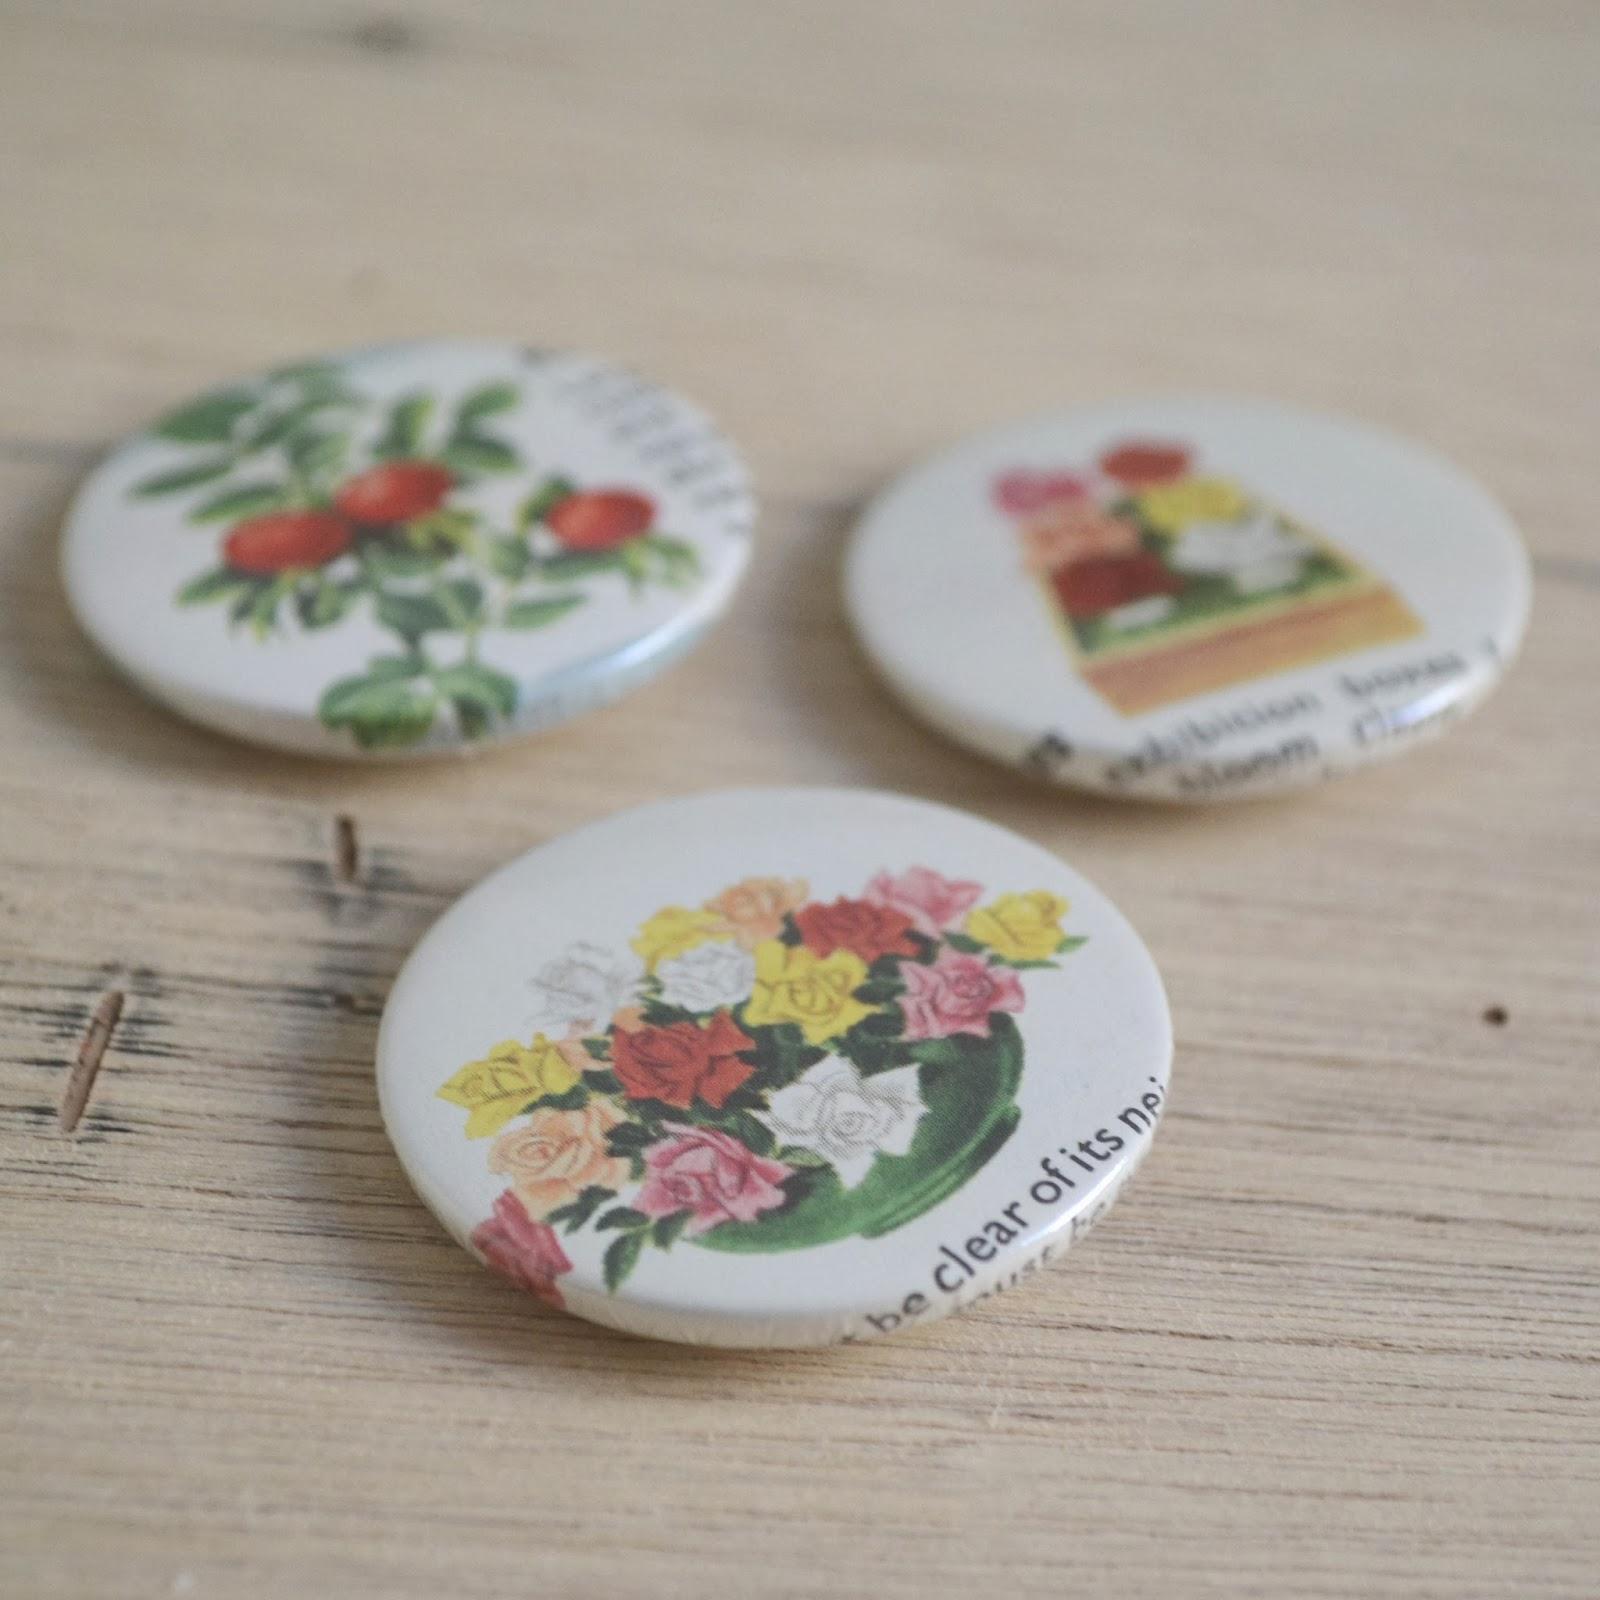 https://www.etsy.com/listing/175733129/vintage-gardening-book-badges?ref=shop_home_active_8